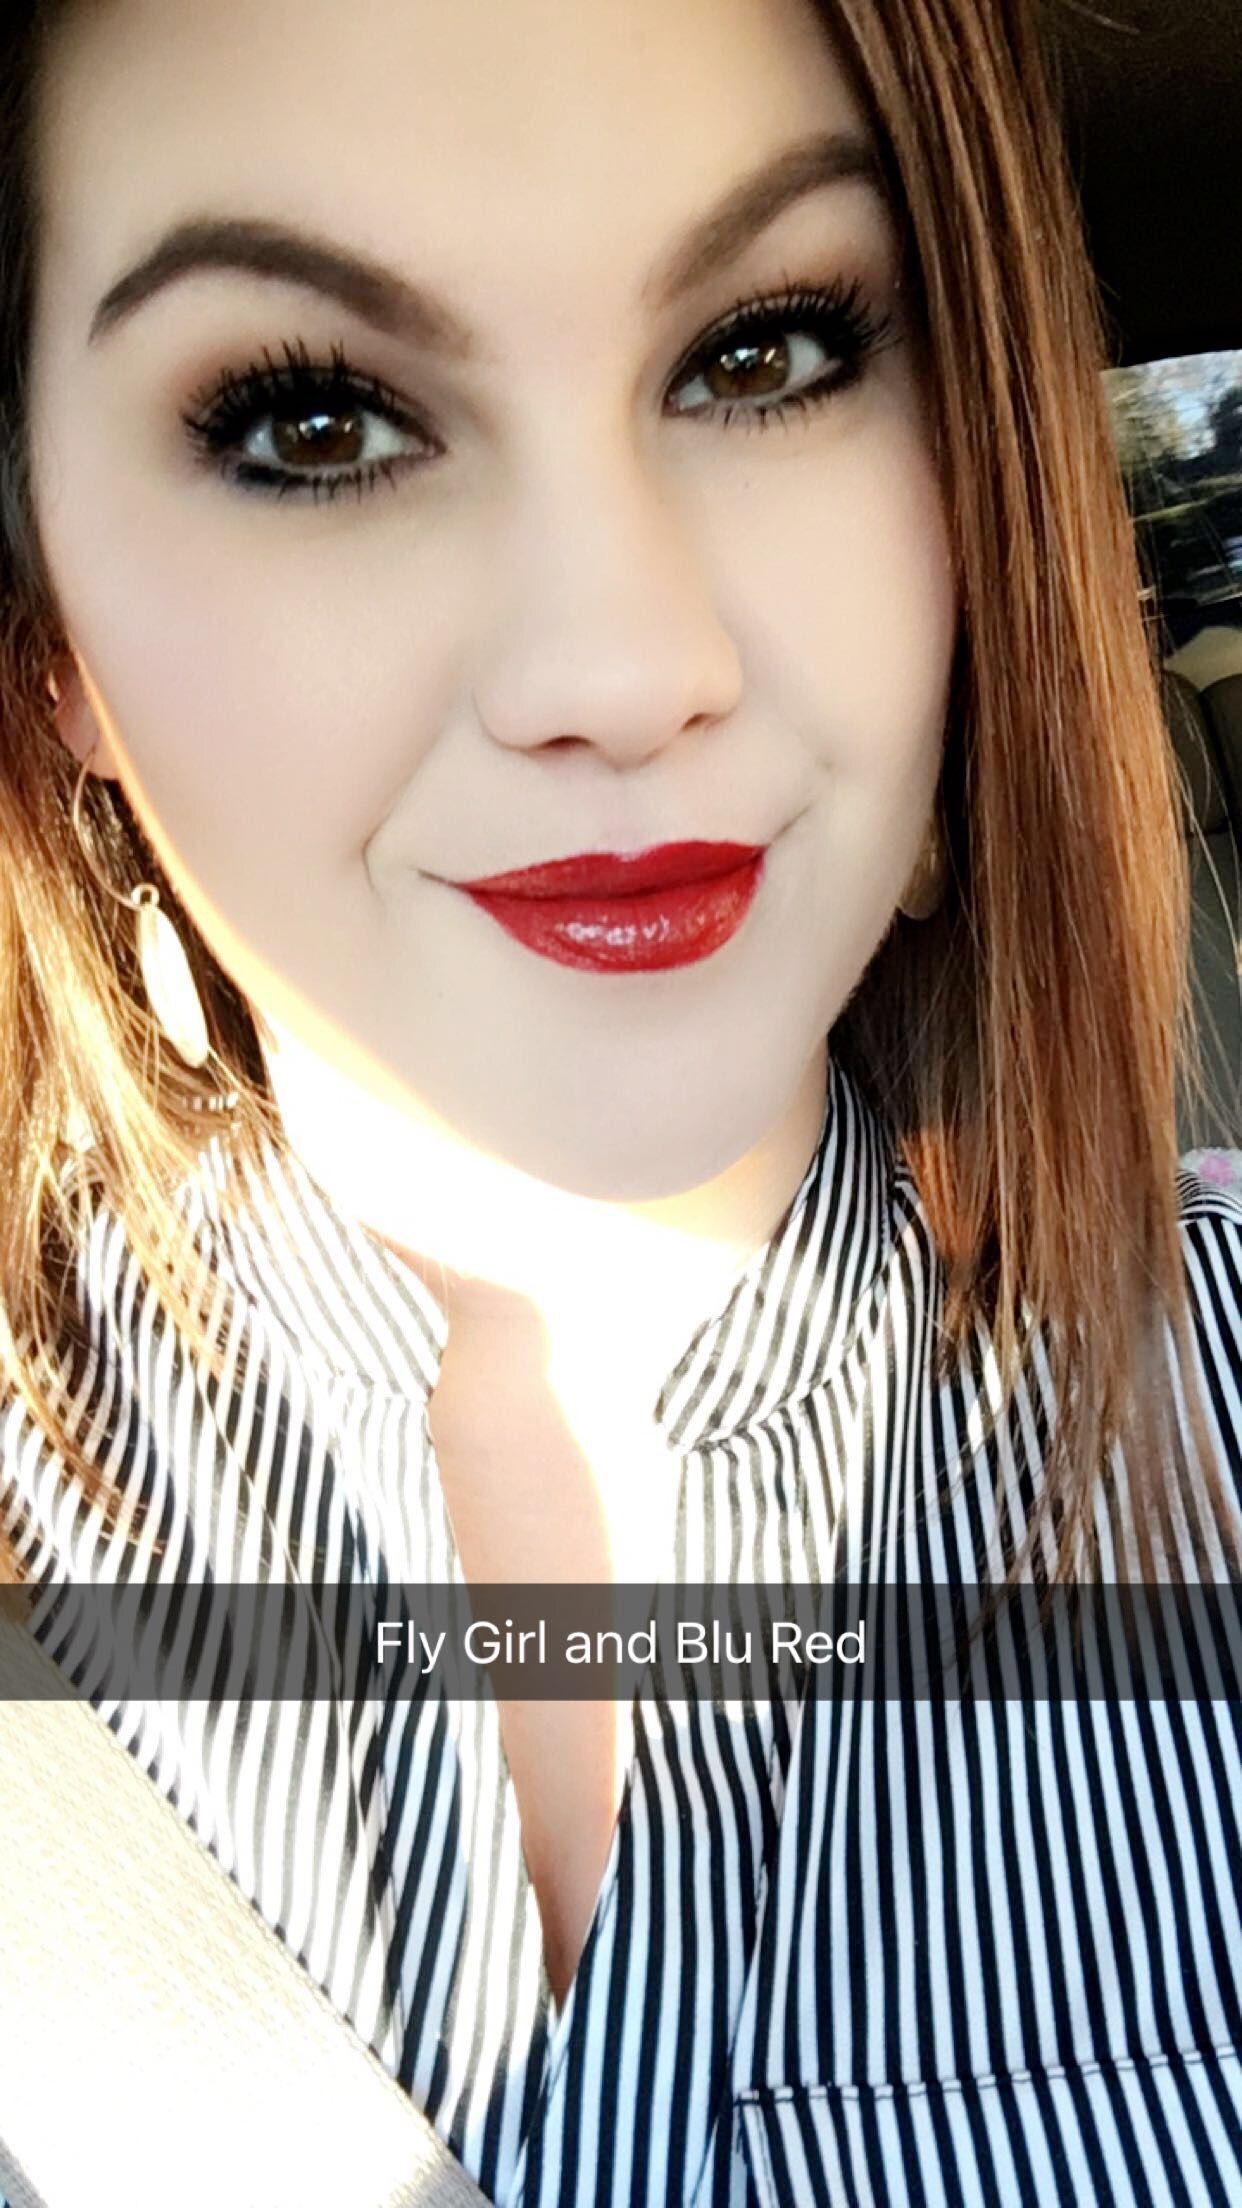 Flygirl summary